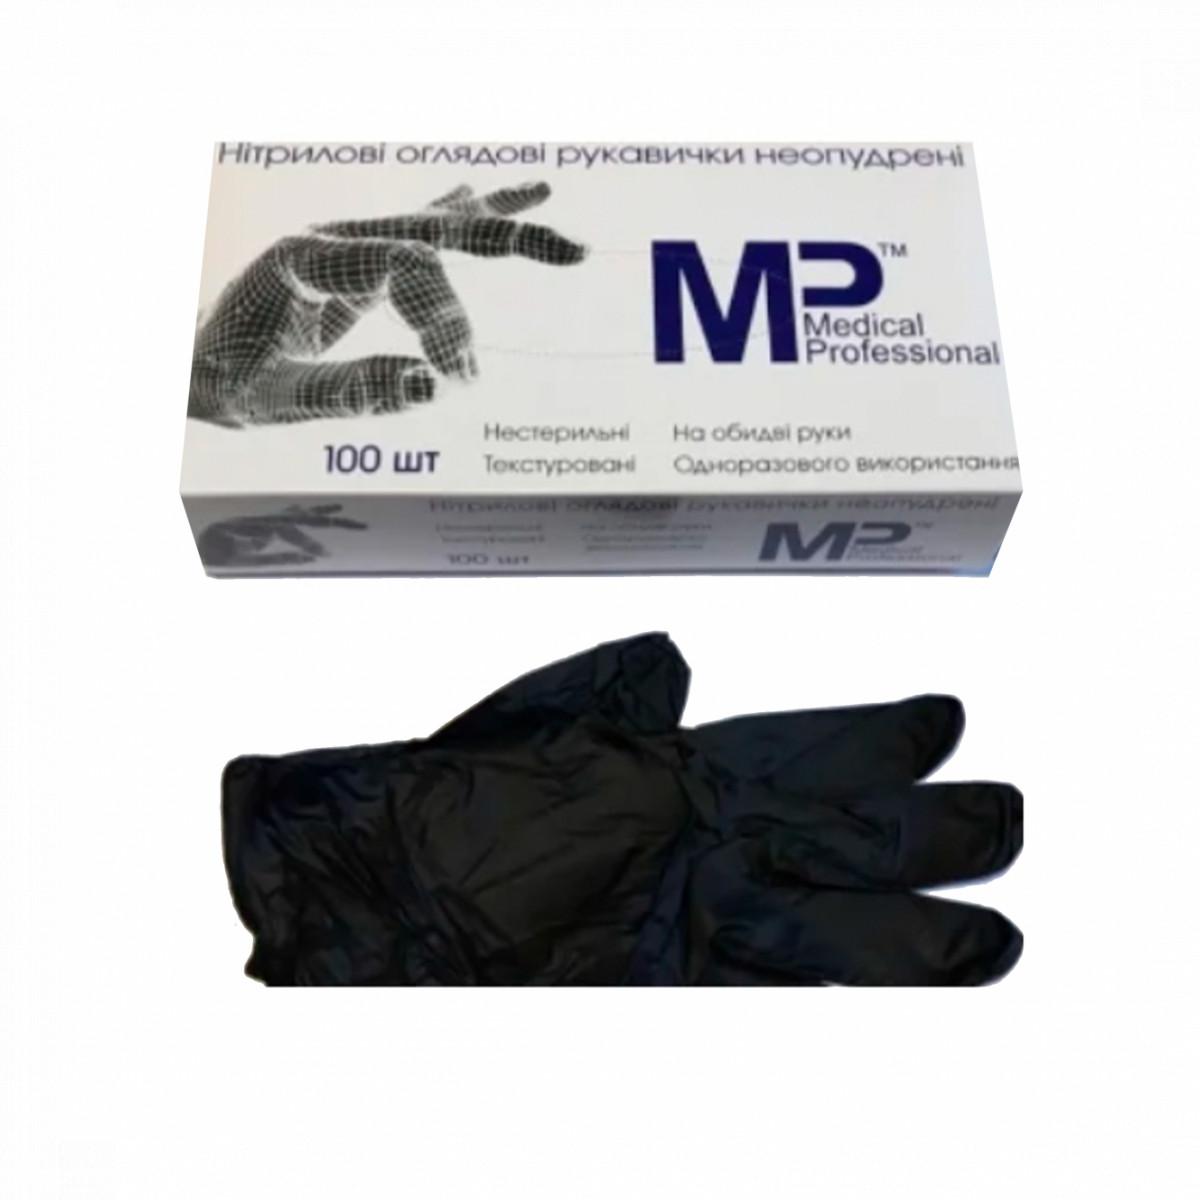 Перчатки Medical Professional нитриловые смотровые нестерильные неприпудренные р.XS